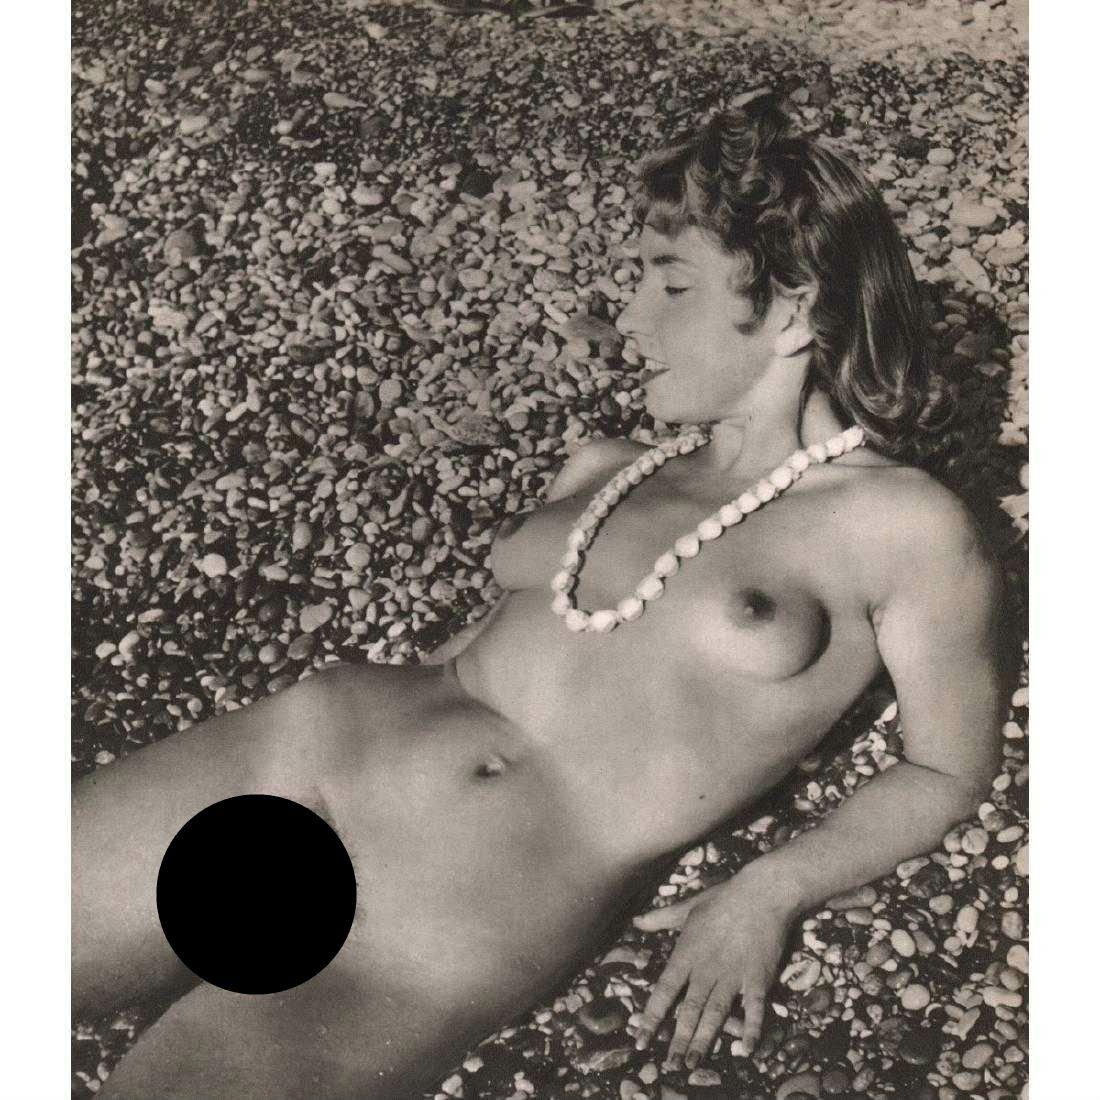 GEORGES VALLEE - Nude